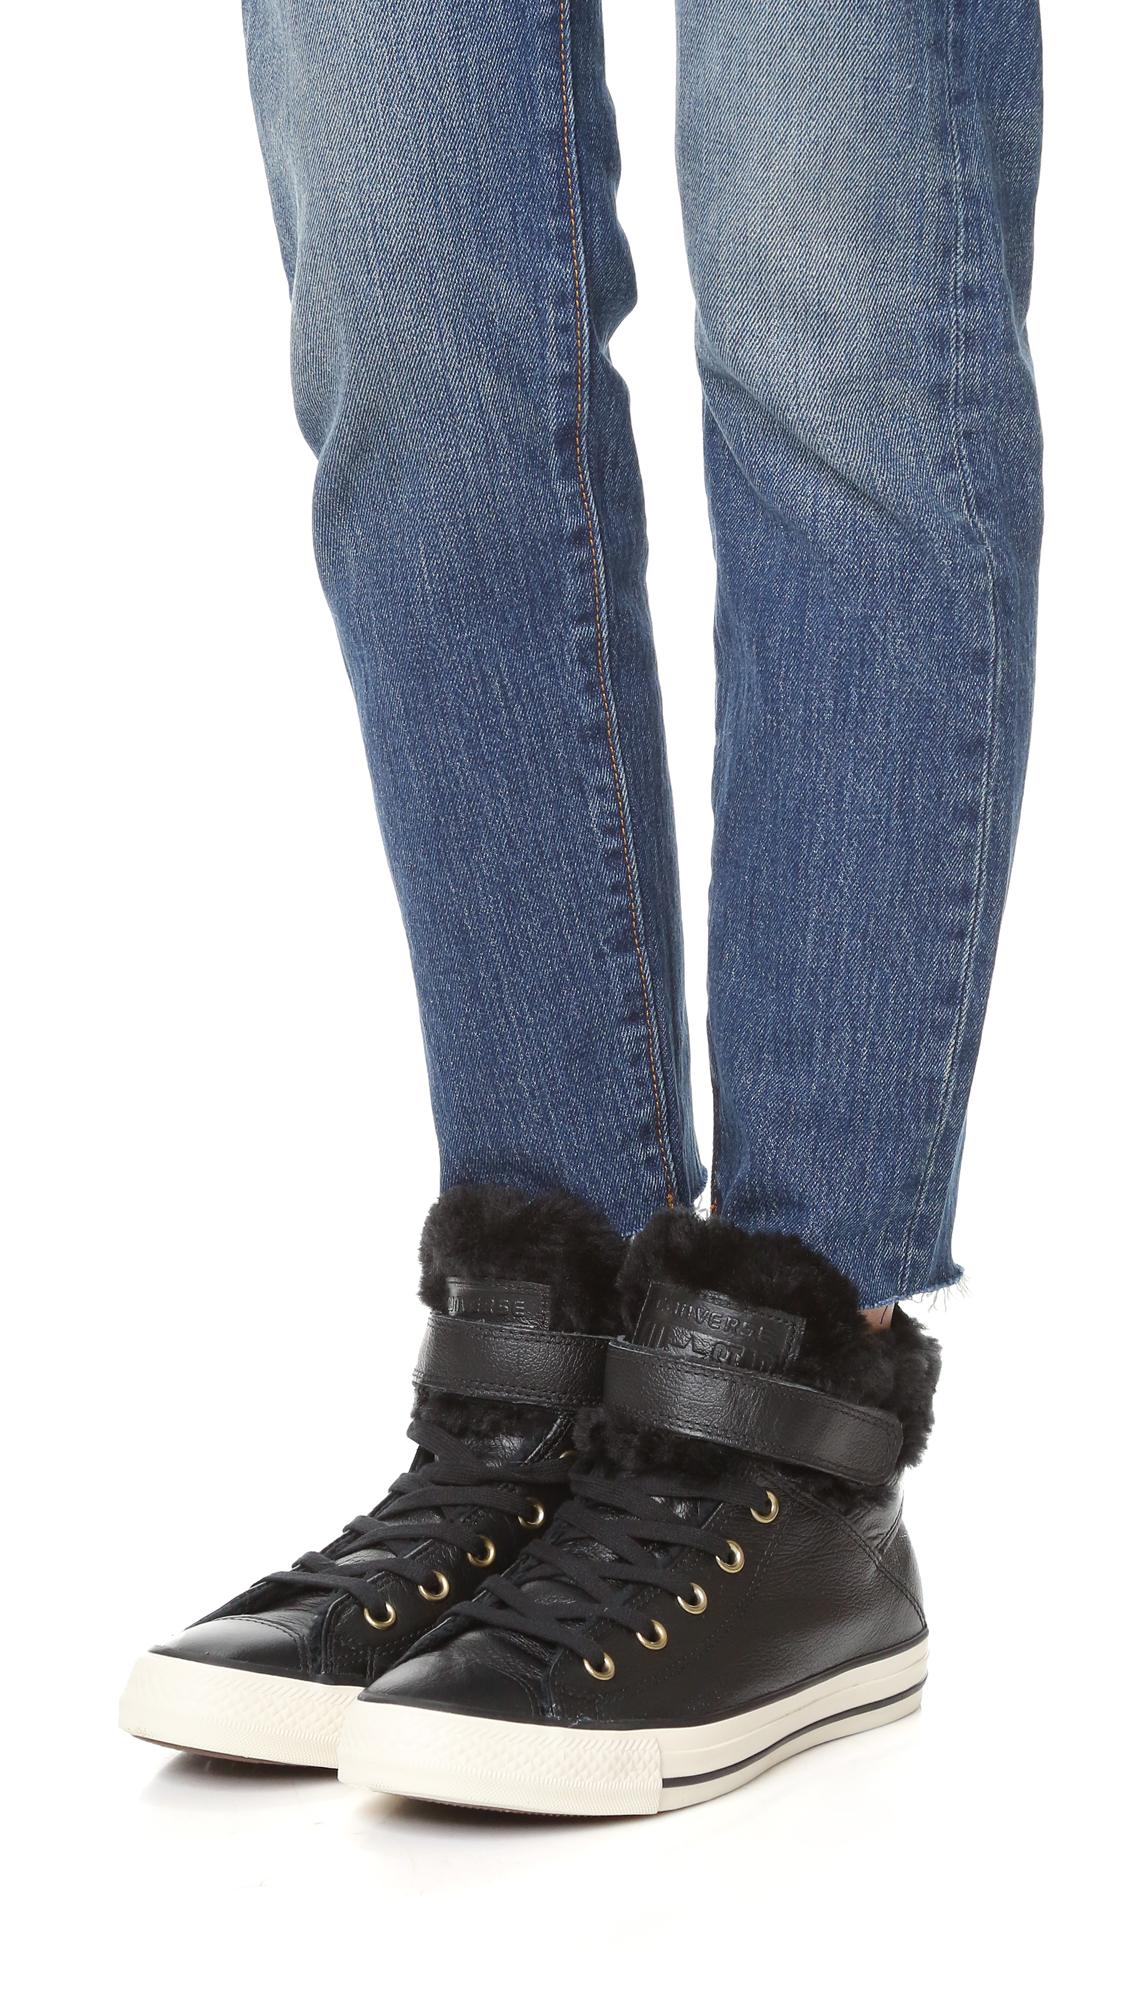 5356dd4e66ad Converse Chuck Taylor All Star Brea High Top Sneakers